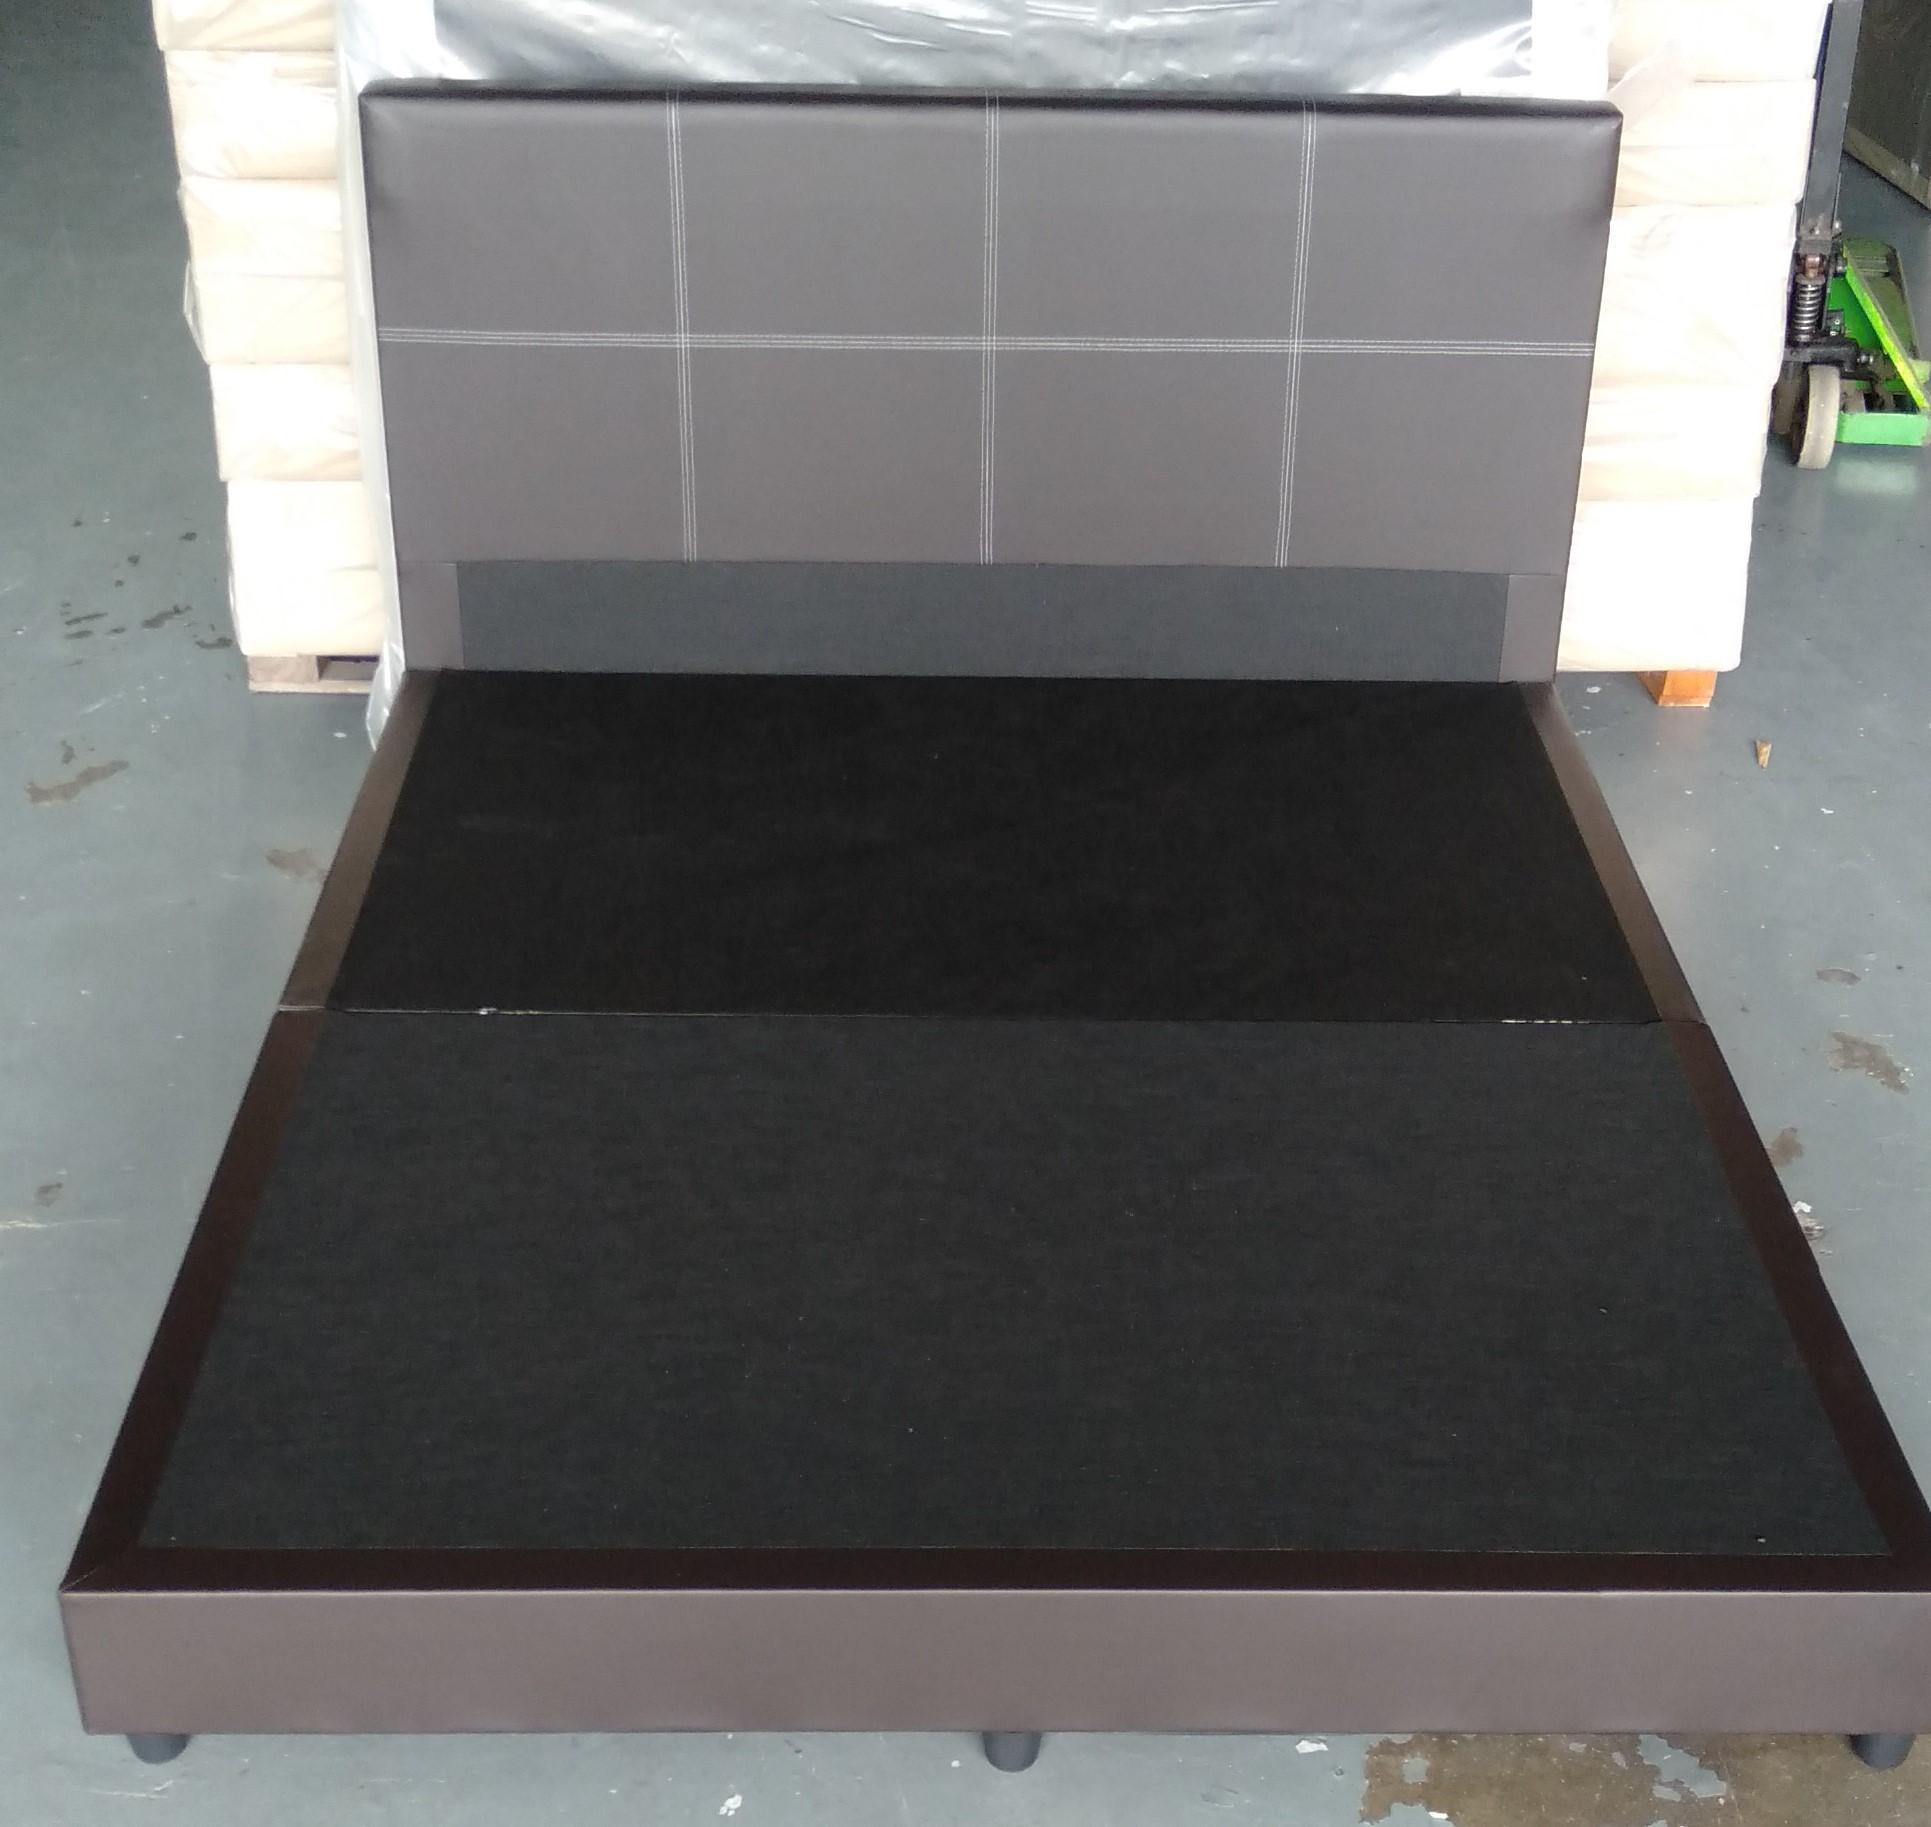 PVC bed frame